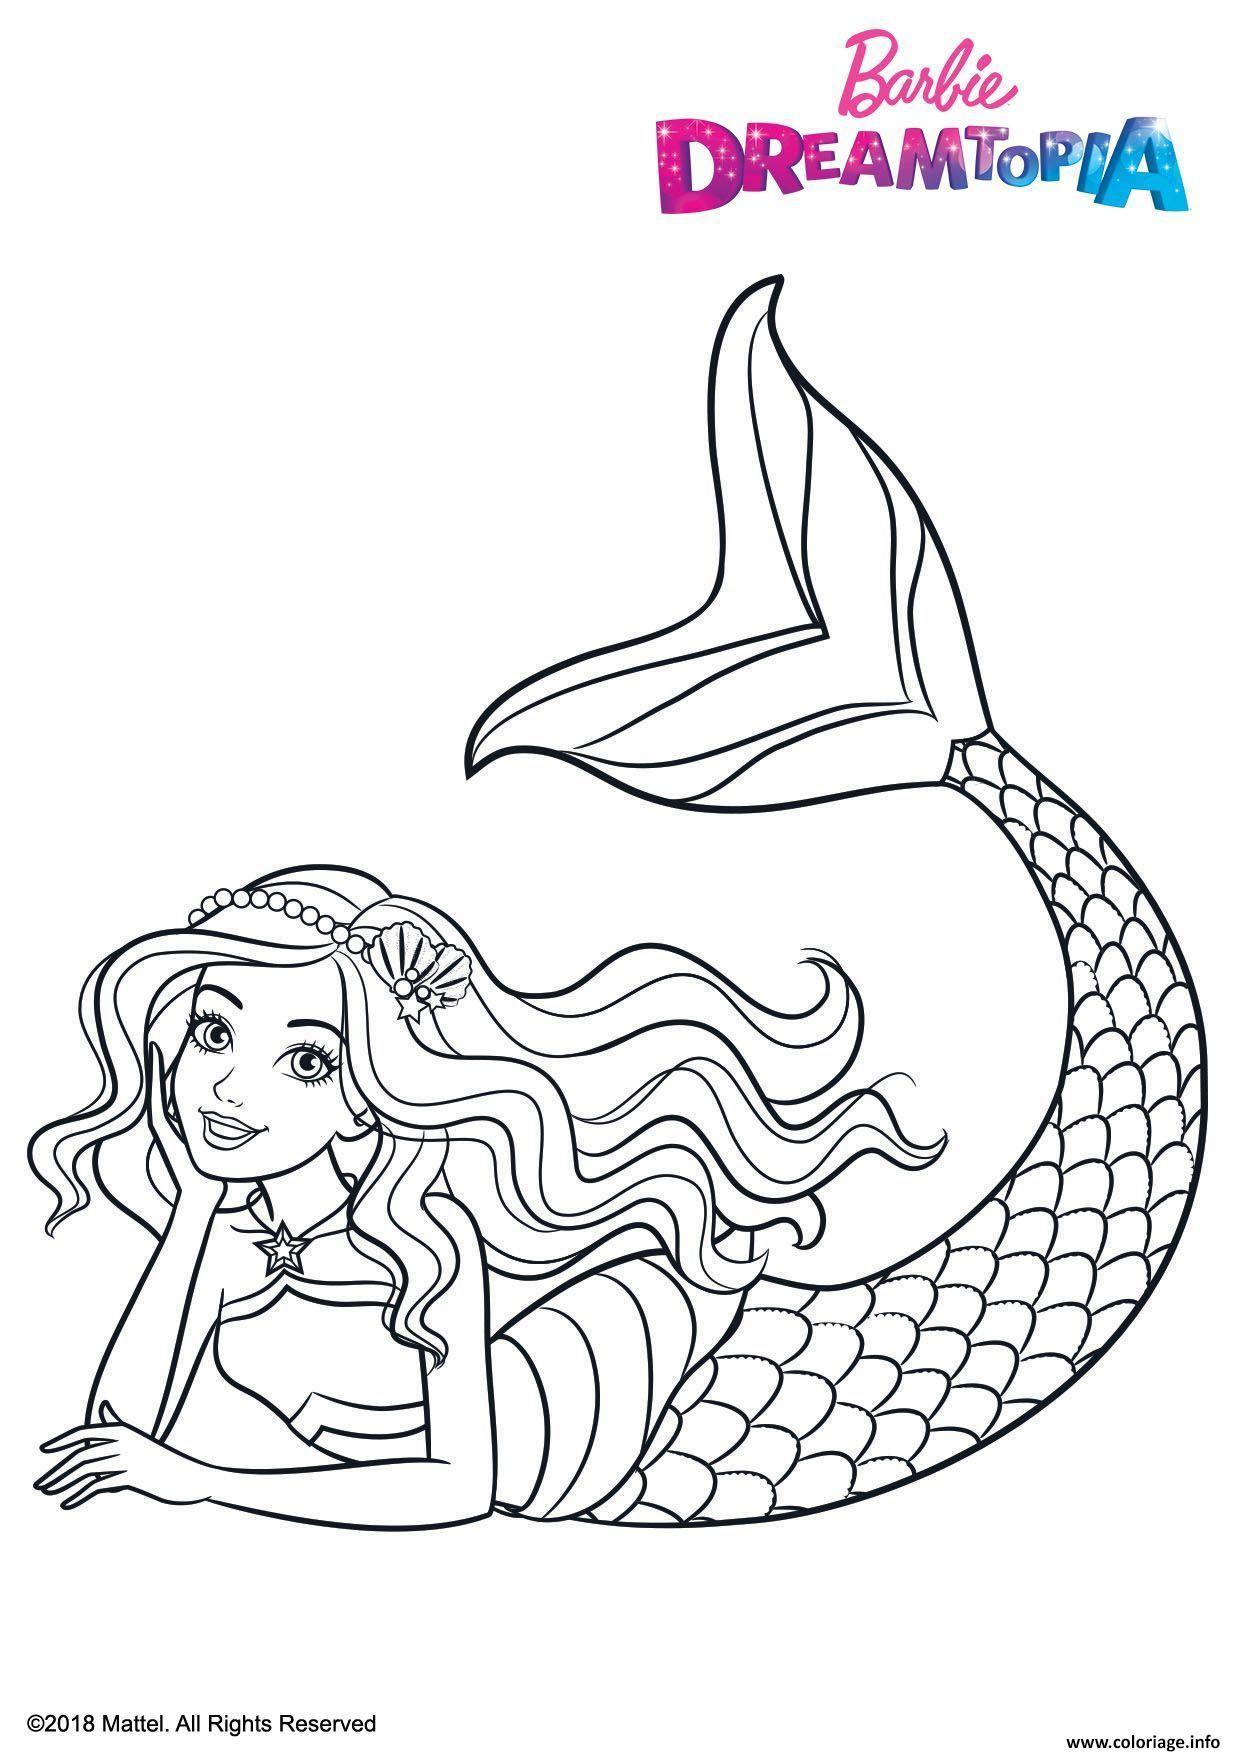 Coloriage Gulli Barbie Sirene Arc En Ciel dessin